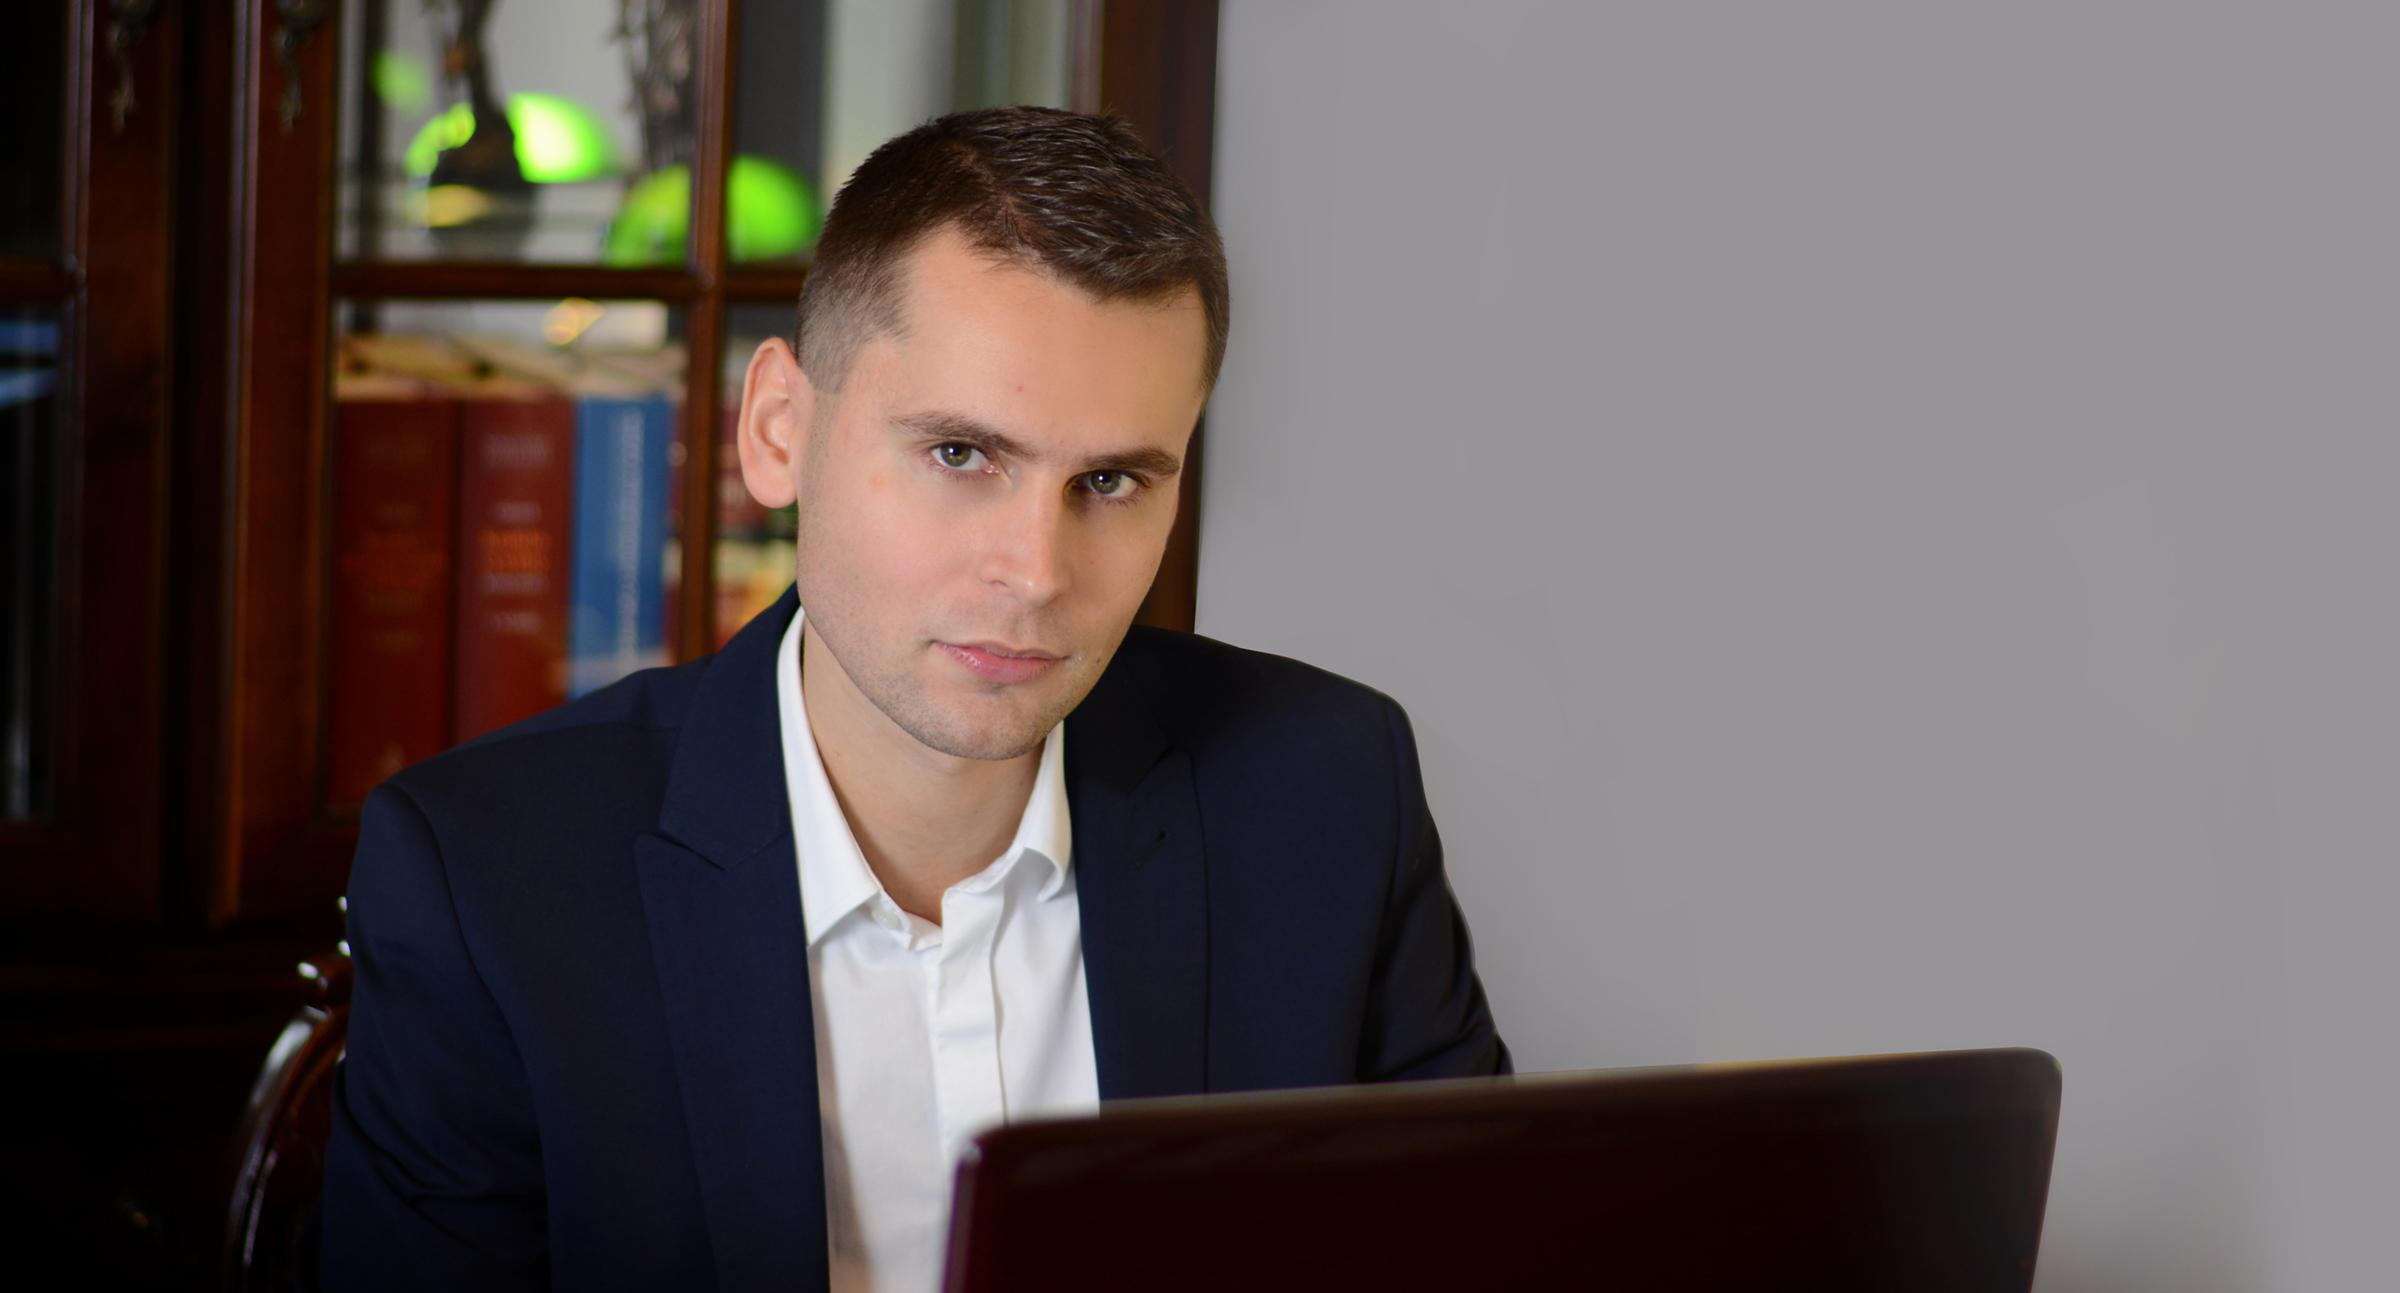 Marcin Synak - adwokat, prawo cywilne, kancelaria adwokacka Ius Cogens w Toruniu